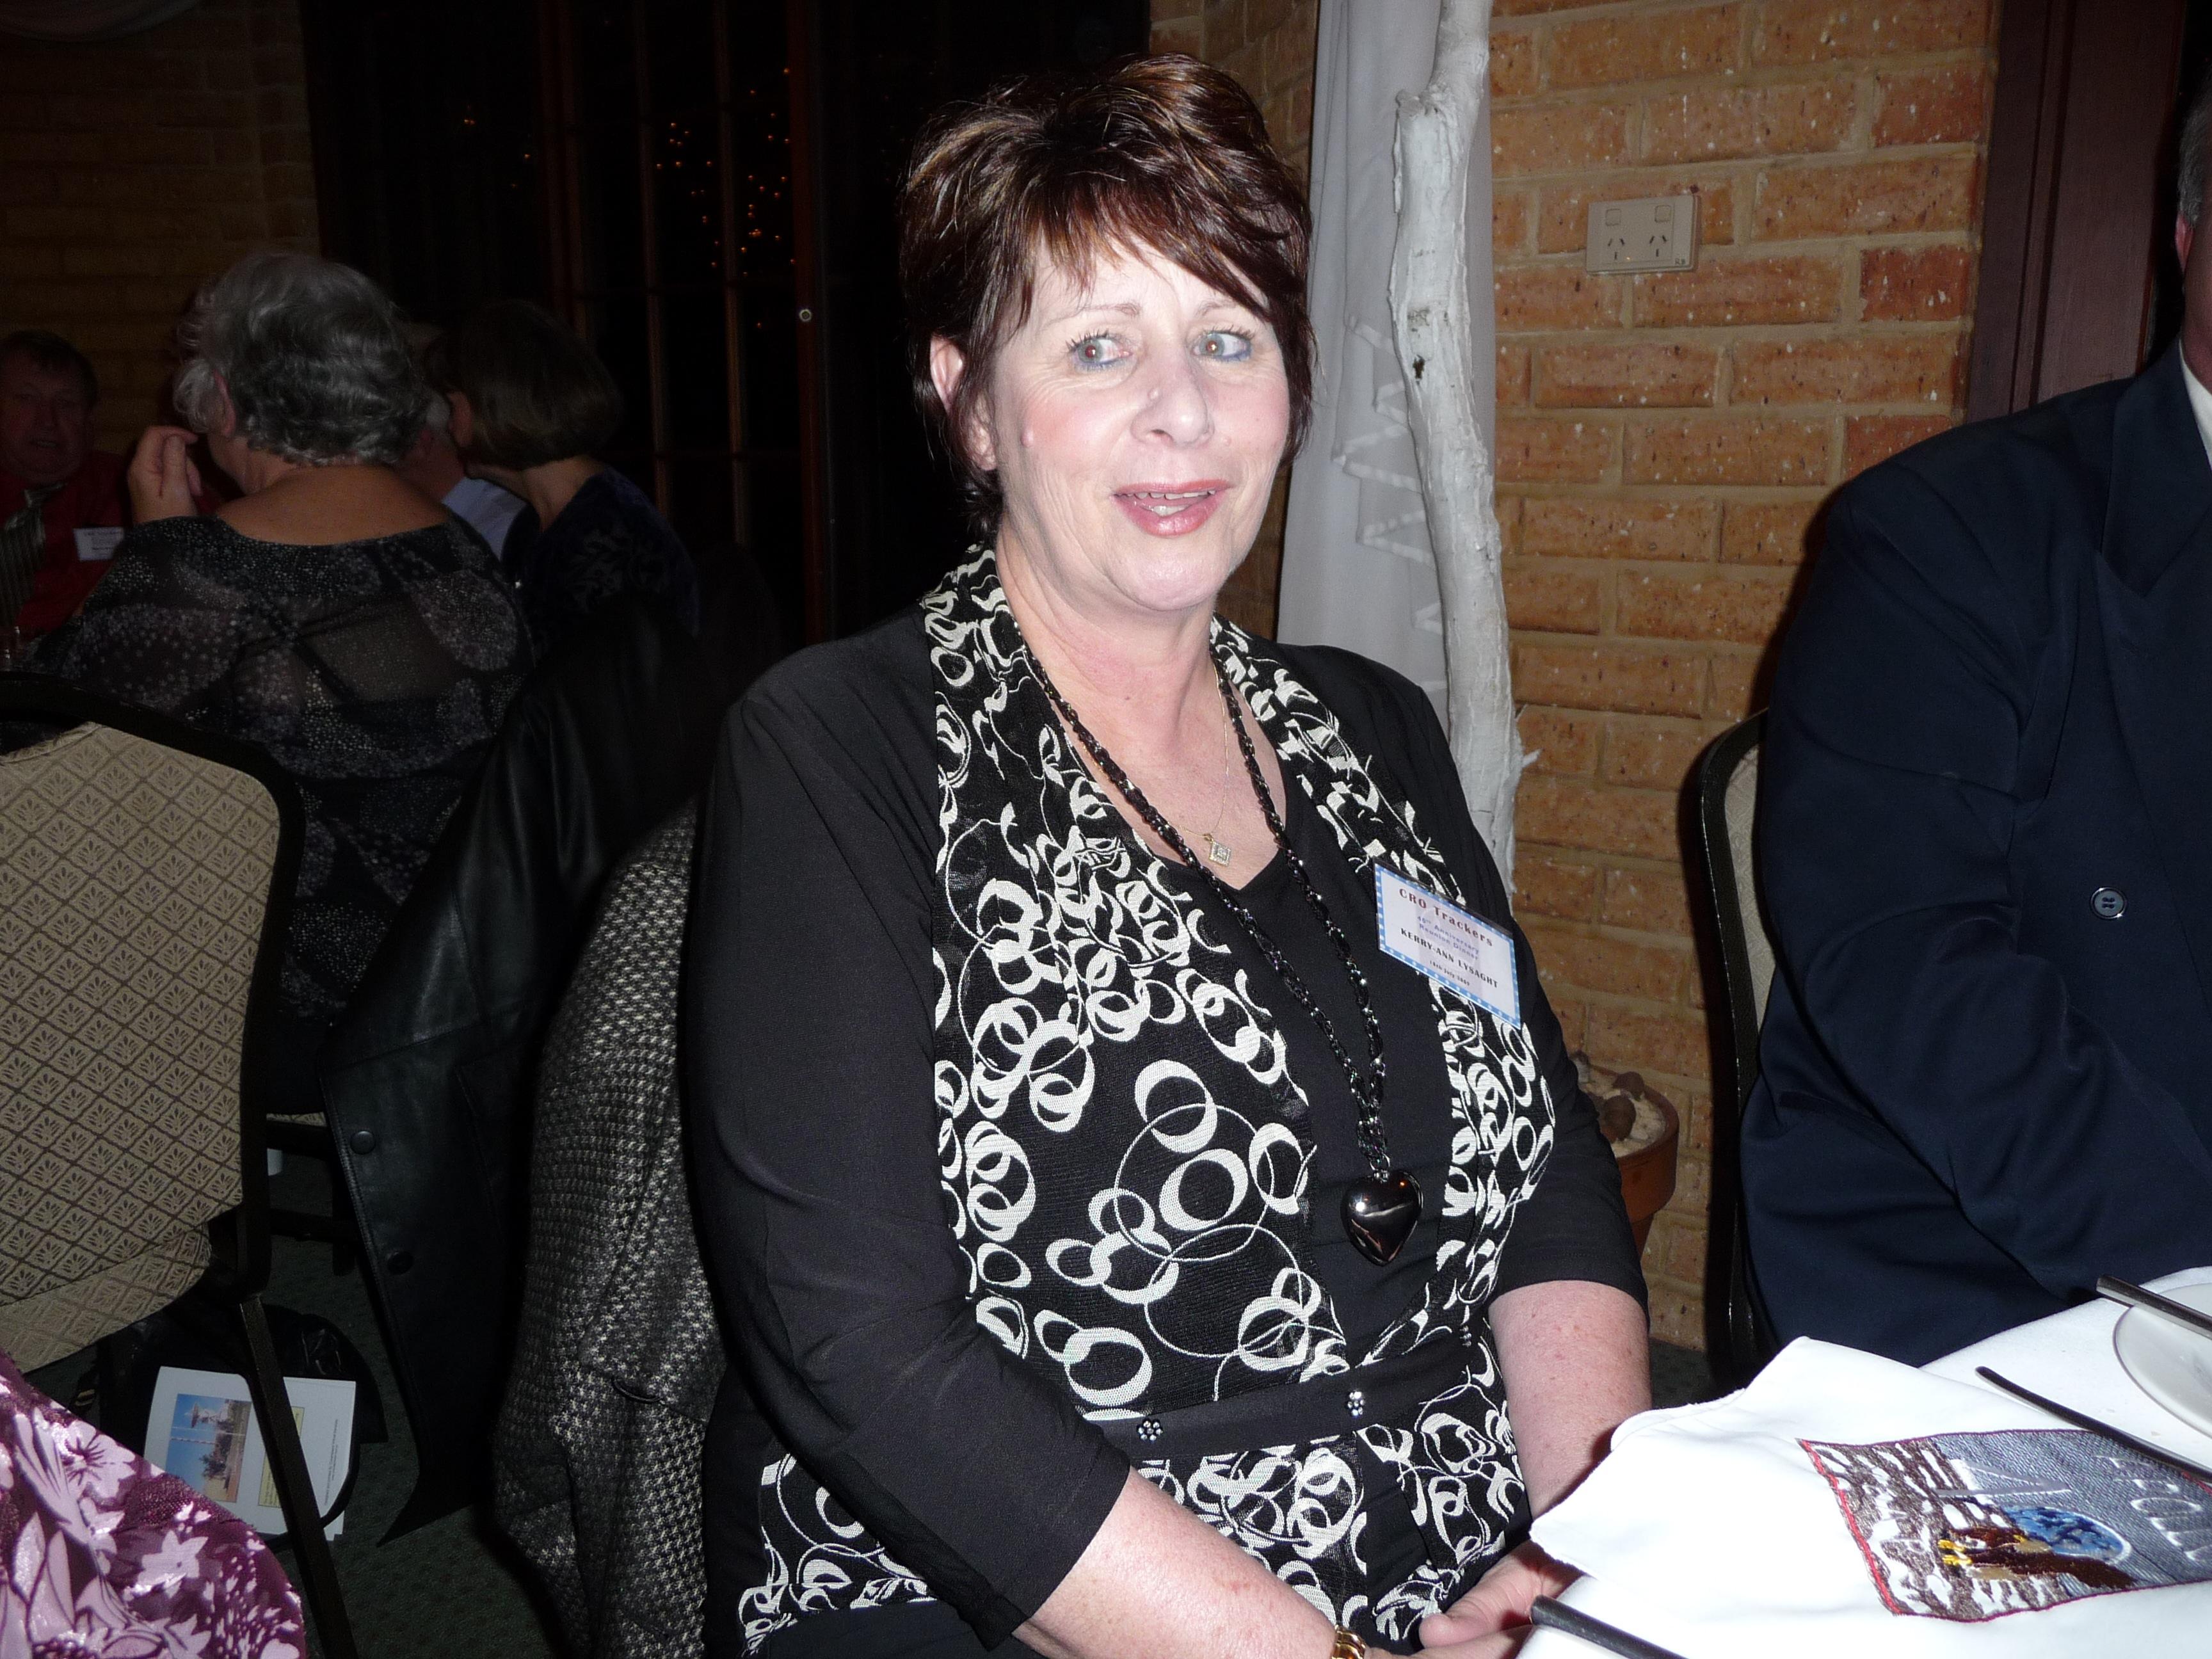 Kerry-Ann Lysaght